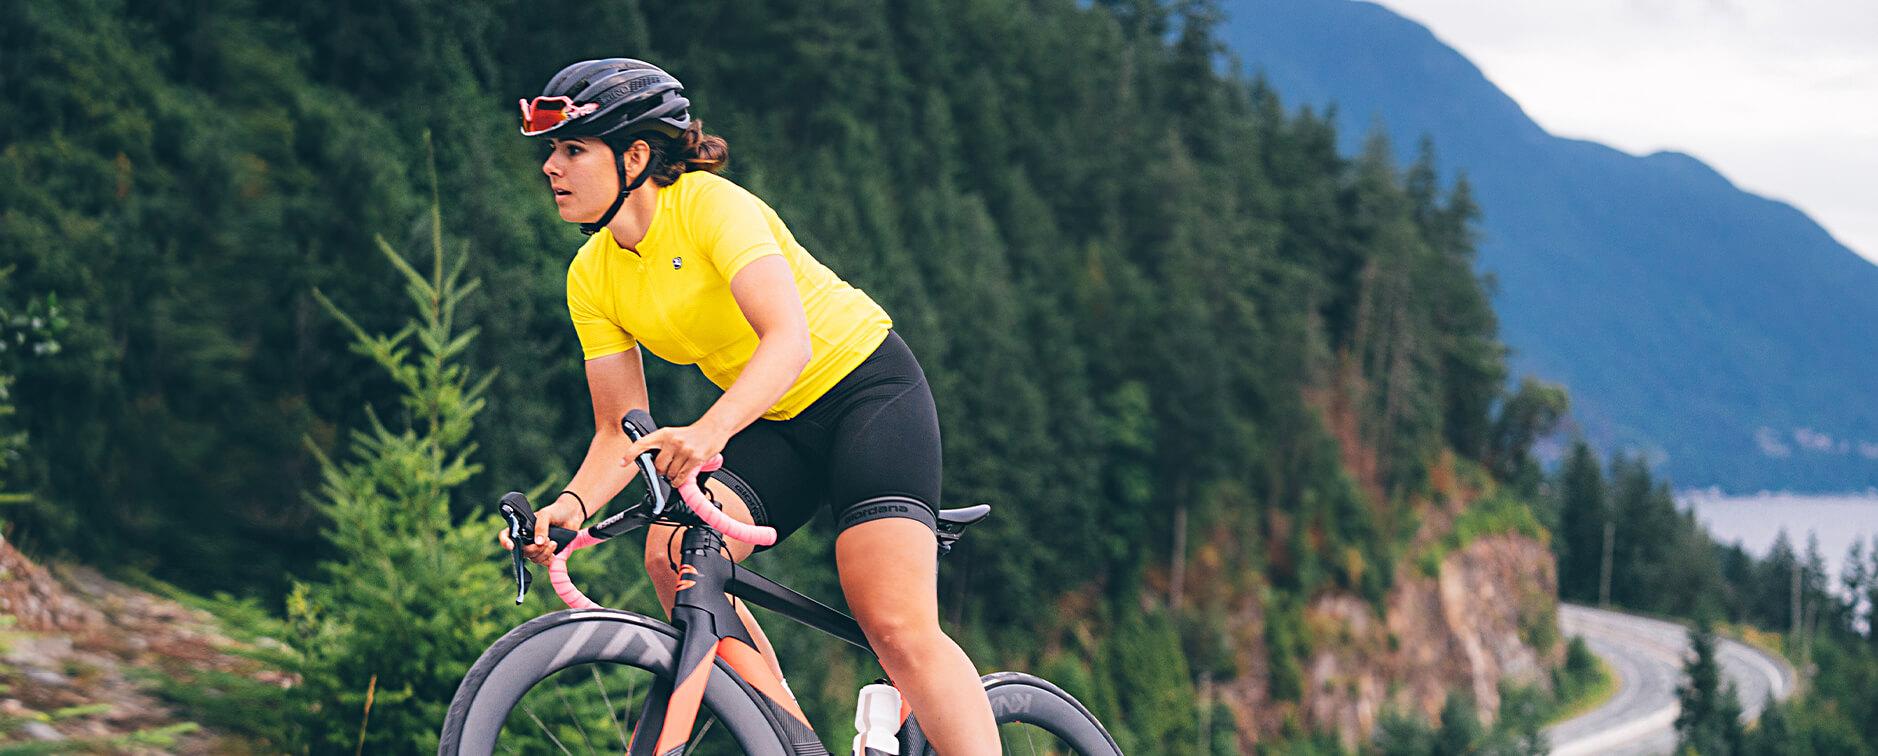 giordana-cycling-jersey-guide-women-hero-1-new